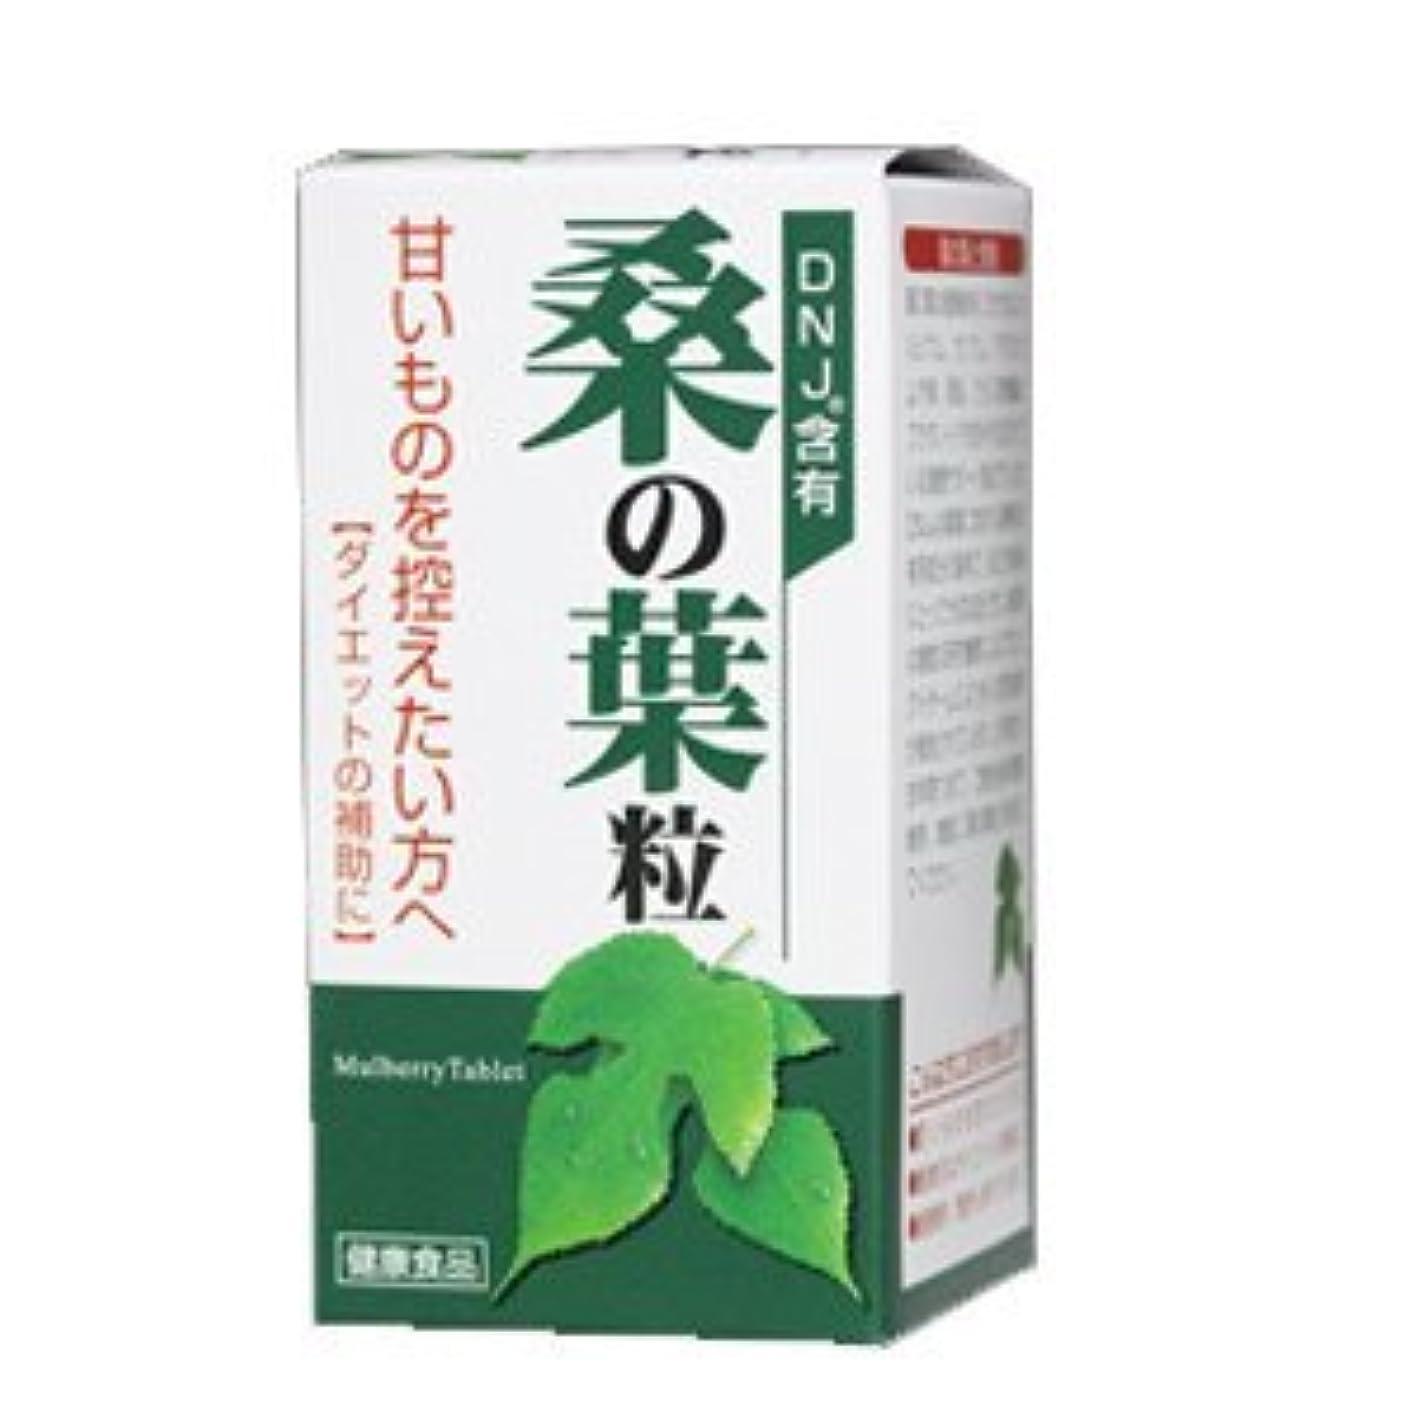 輸血車百科事典桑の葉粒 270粒 2個 大草薬品